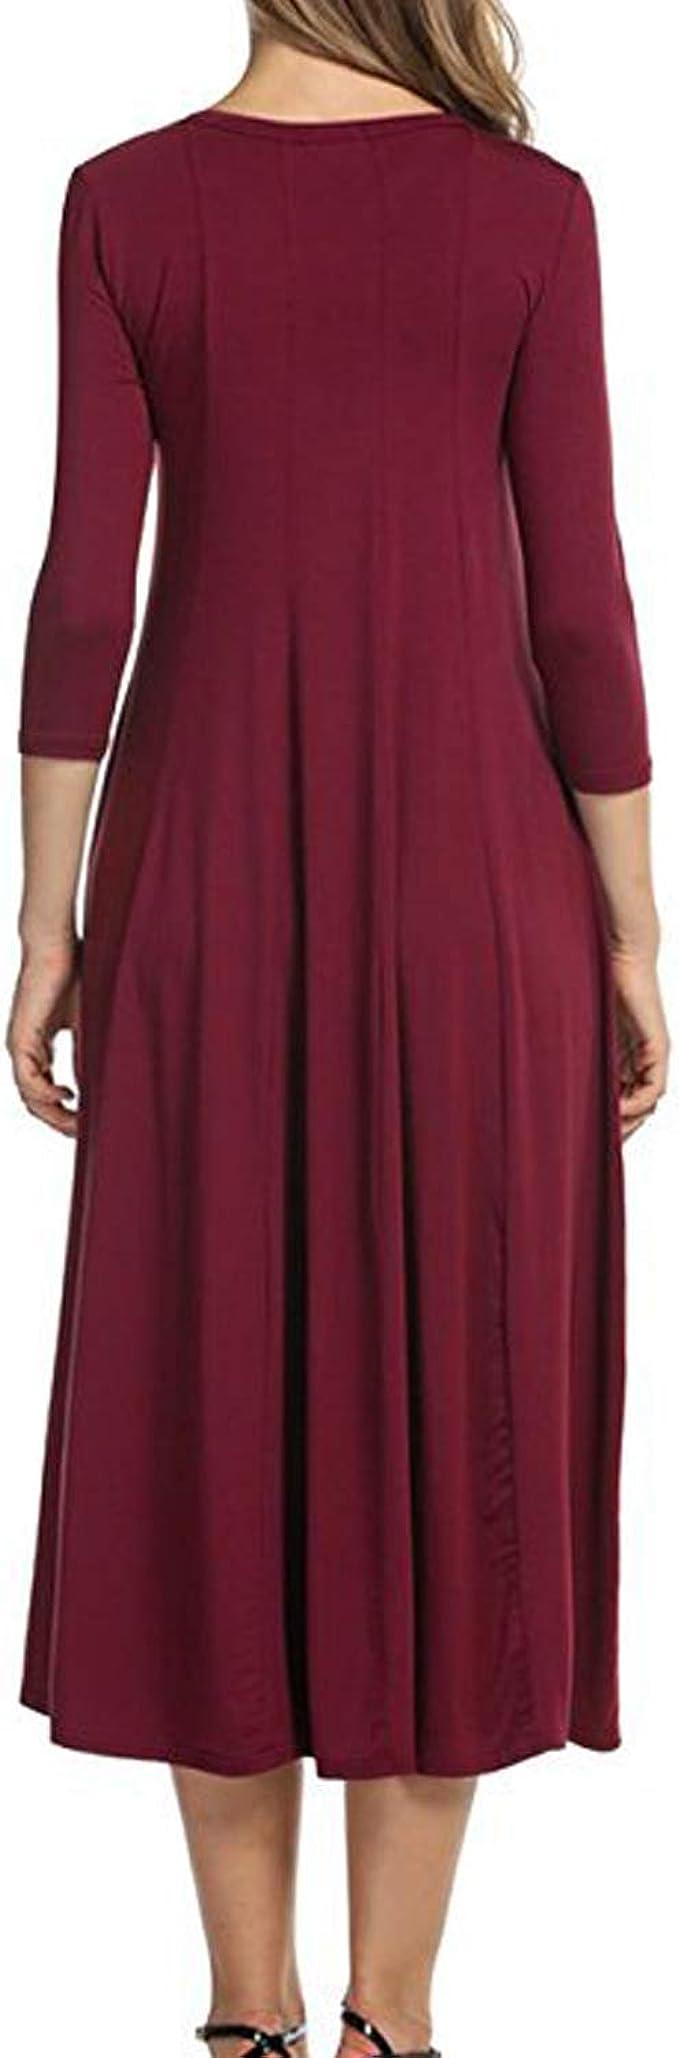 Abravo Vestiti Donna Casual Tunica Camicia Vestido Manica Lunga Abiti Primavera Estivi Linea A Taglie Forti Abiti da Notte